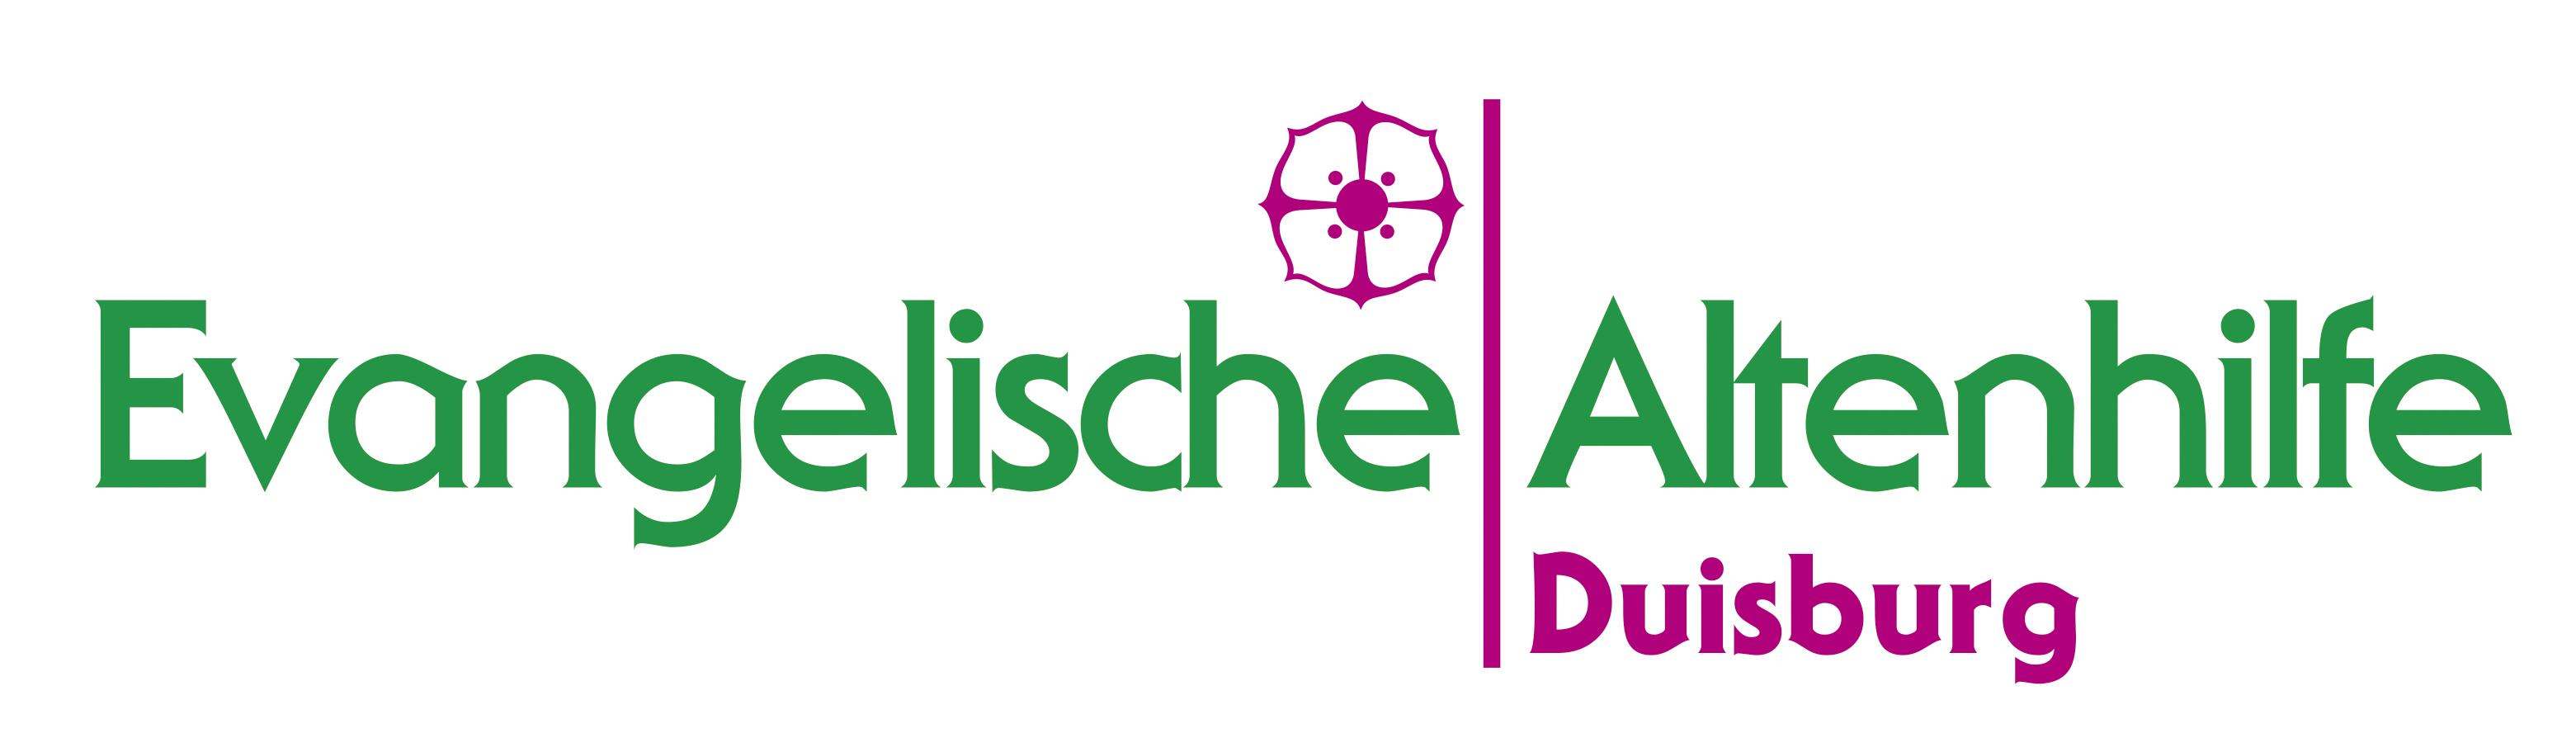 Logo_EvangelischeAltenhilfeDuisburg